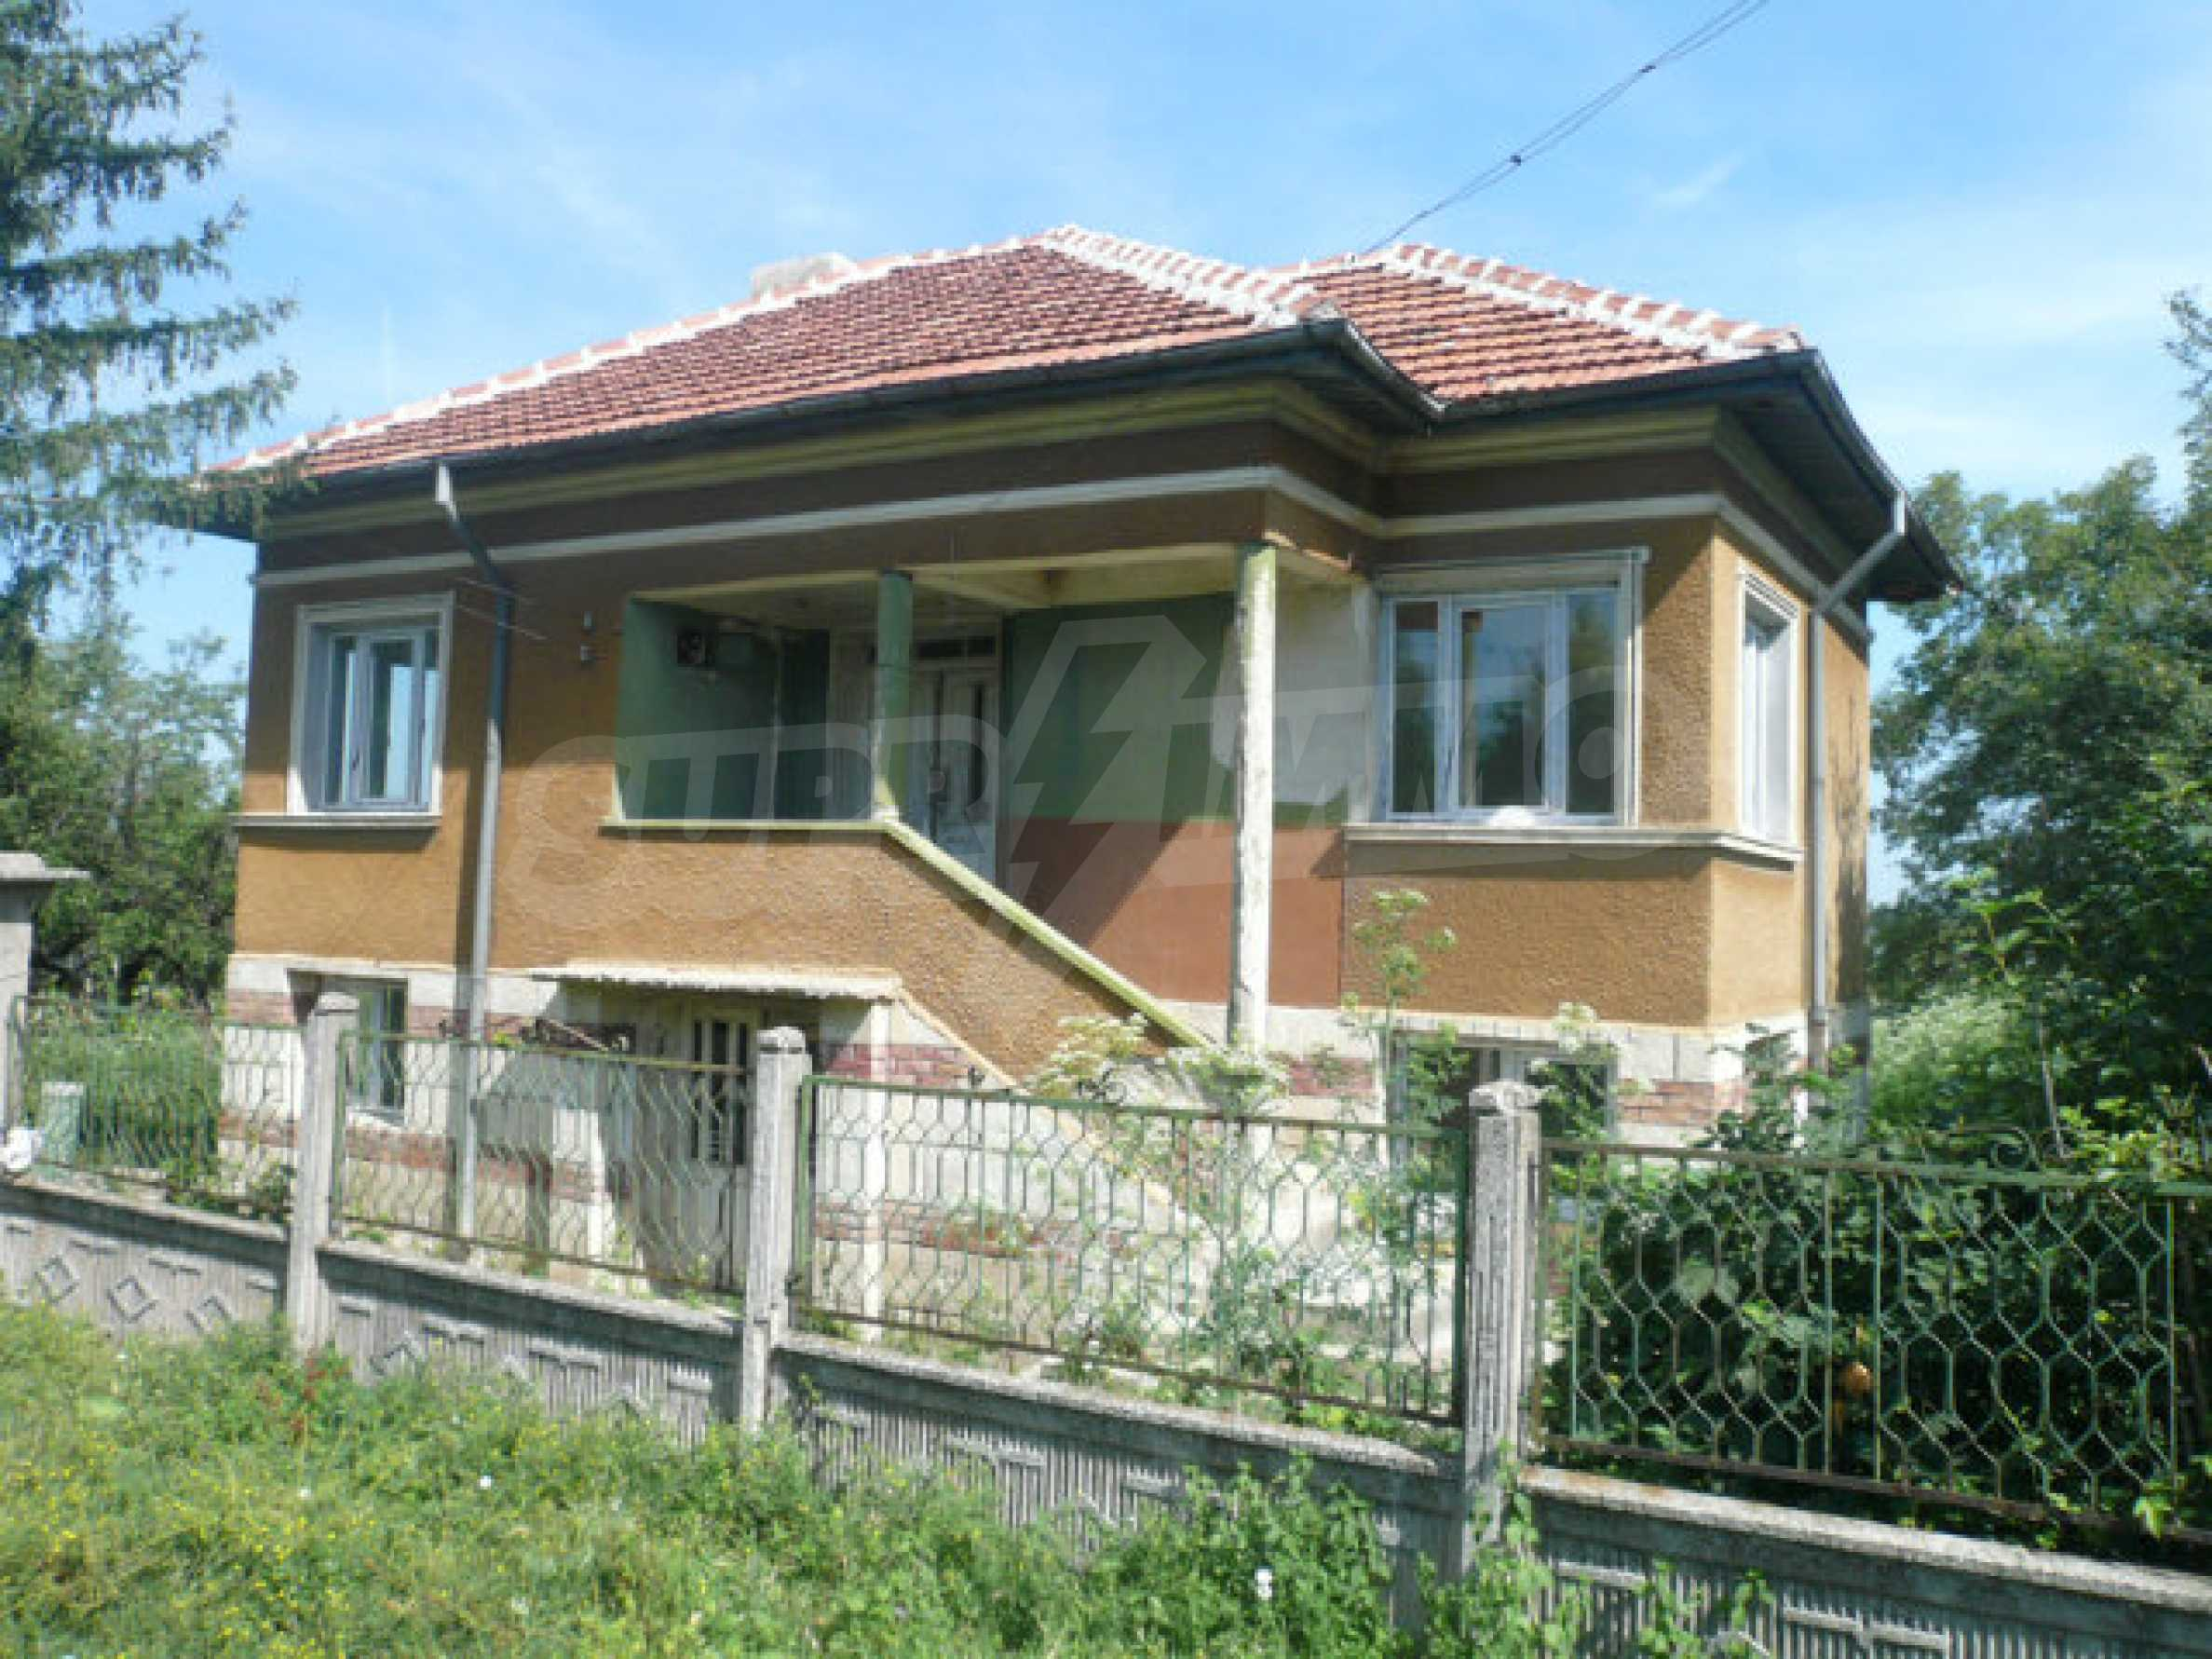 Geräumiges Haus mit Garten in einem ruhigen Dorf 1